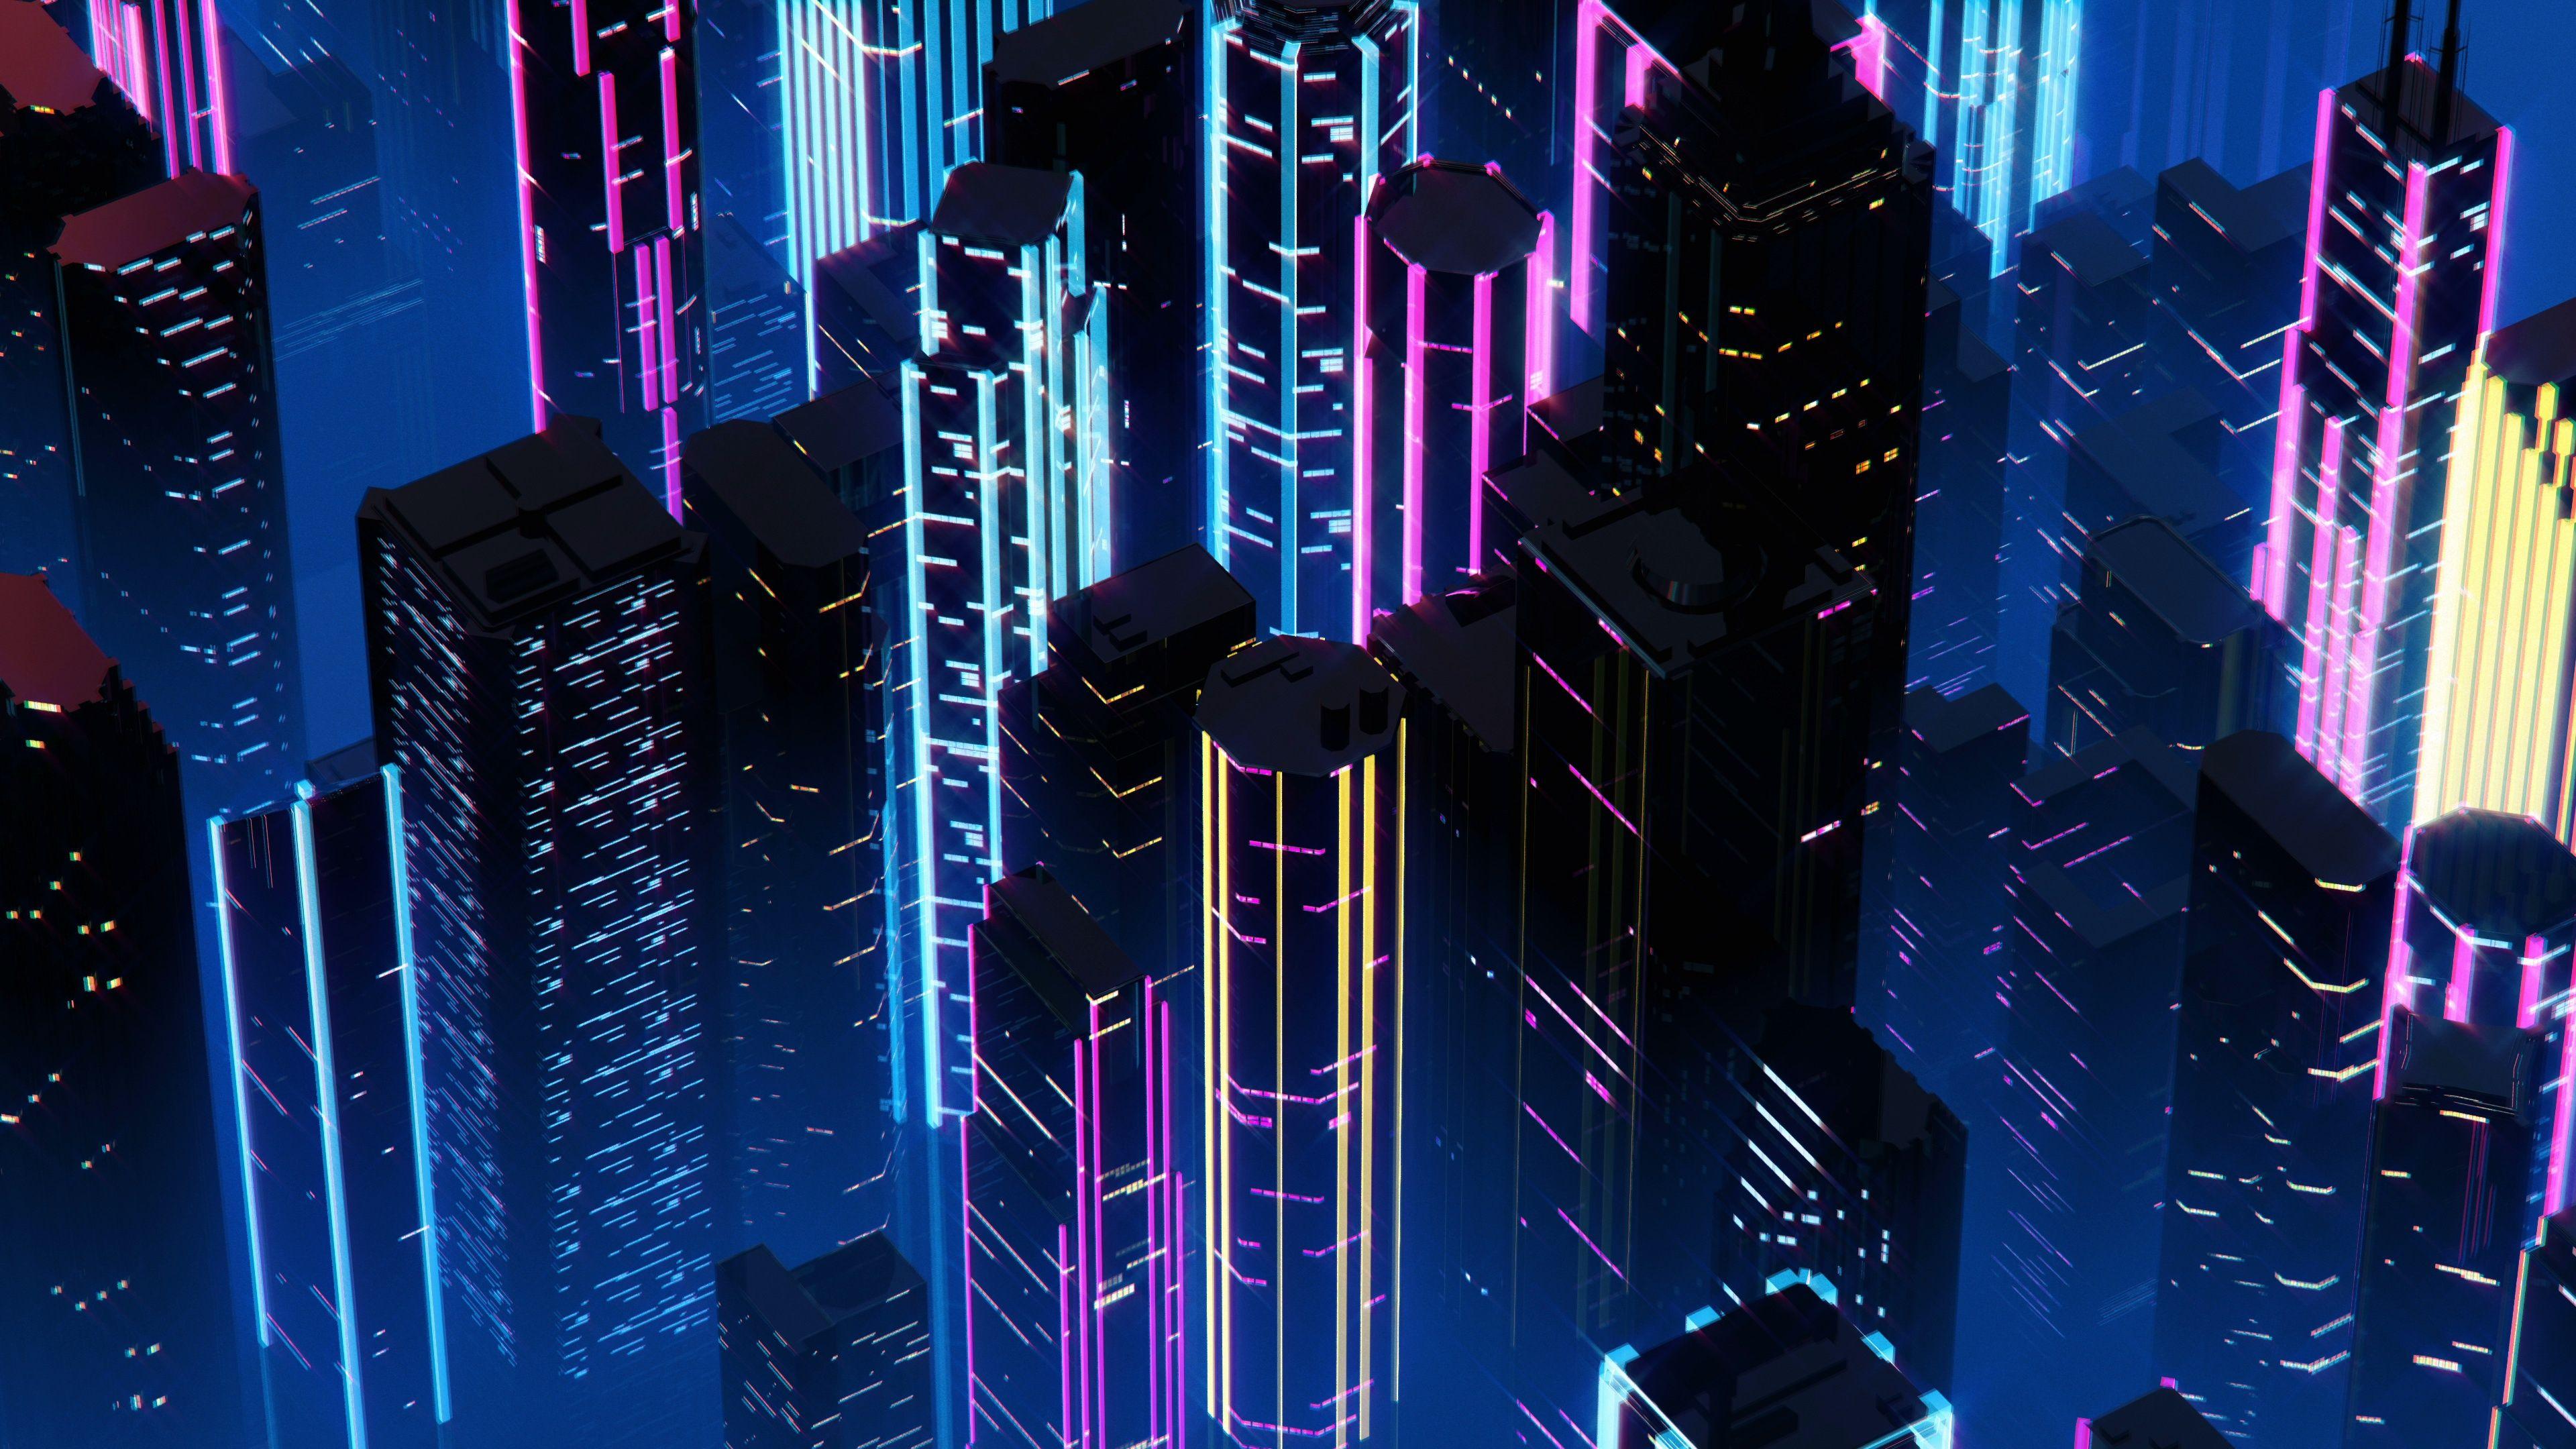 Neon City Google Haku Neon Wallpaper Neon Art Neon Backgrounds